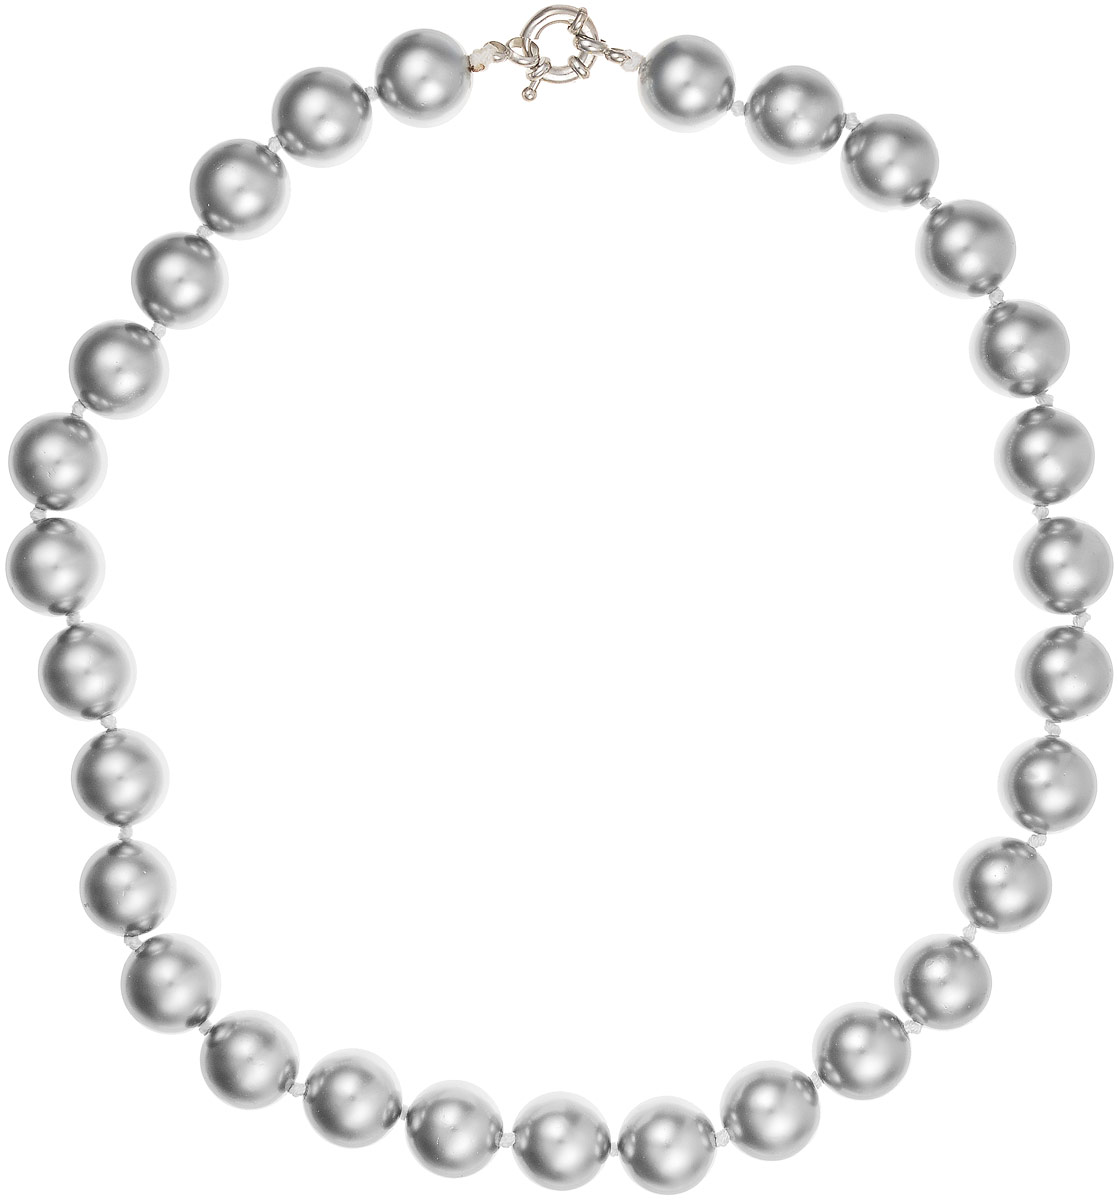 Бусы Art-Silver, цвет: серебристый, длина 45 см. МАЙ31445-729Бусы-ниткаБусы Art-Silver выполнены из имитации жемчуга, нанизанного на текстильную нить. Украшение дополнено крупным удобным шпренгельным замочком из бижутерного сплава.Крупные бусины диаметром 14 мм выполнены в оригинальном серебристом цвете. Материал бусин по свойствам и виду максимально близок к натуральному жемчугу.